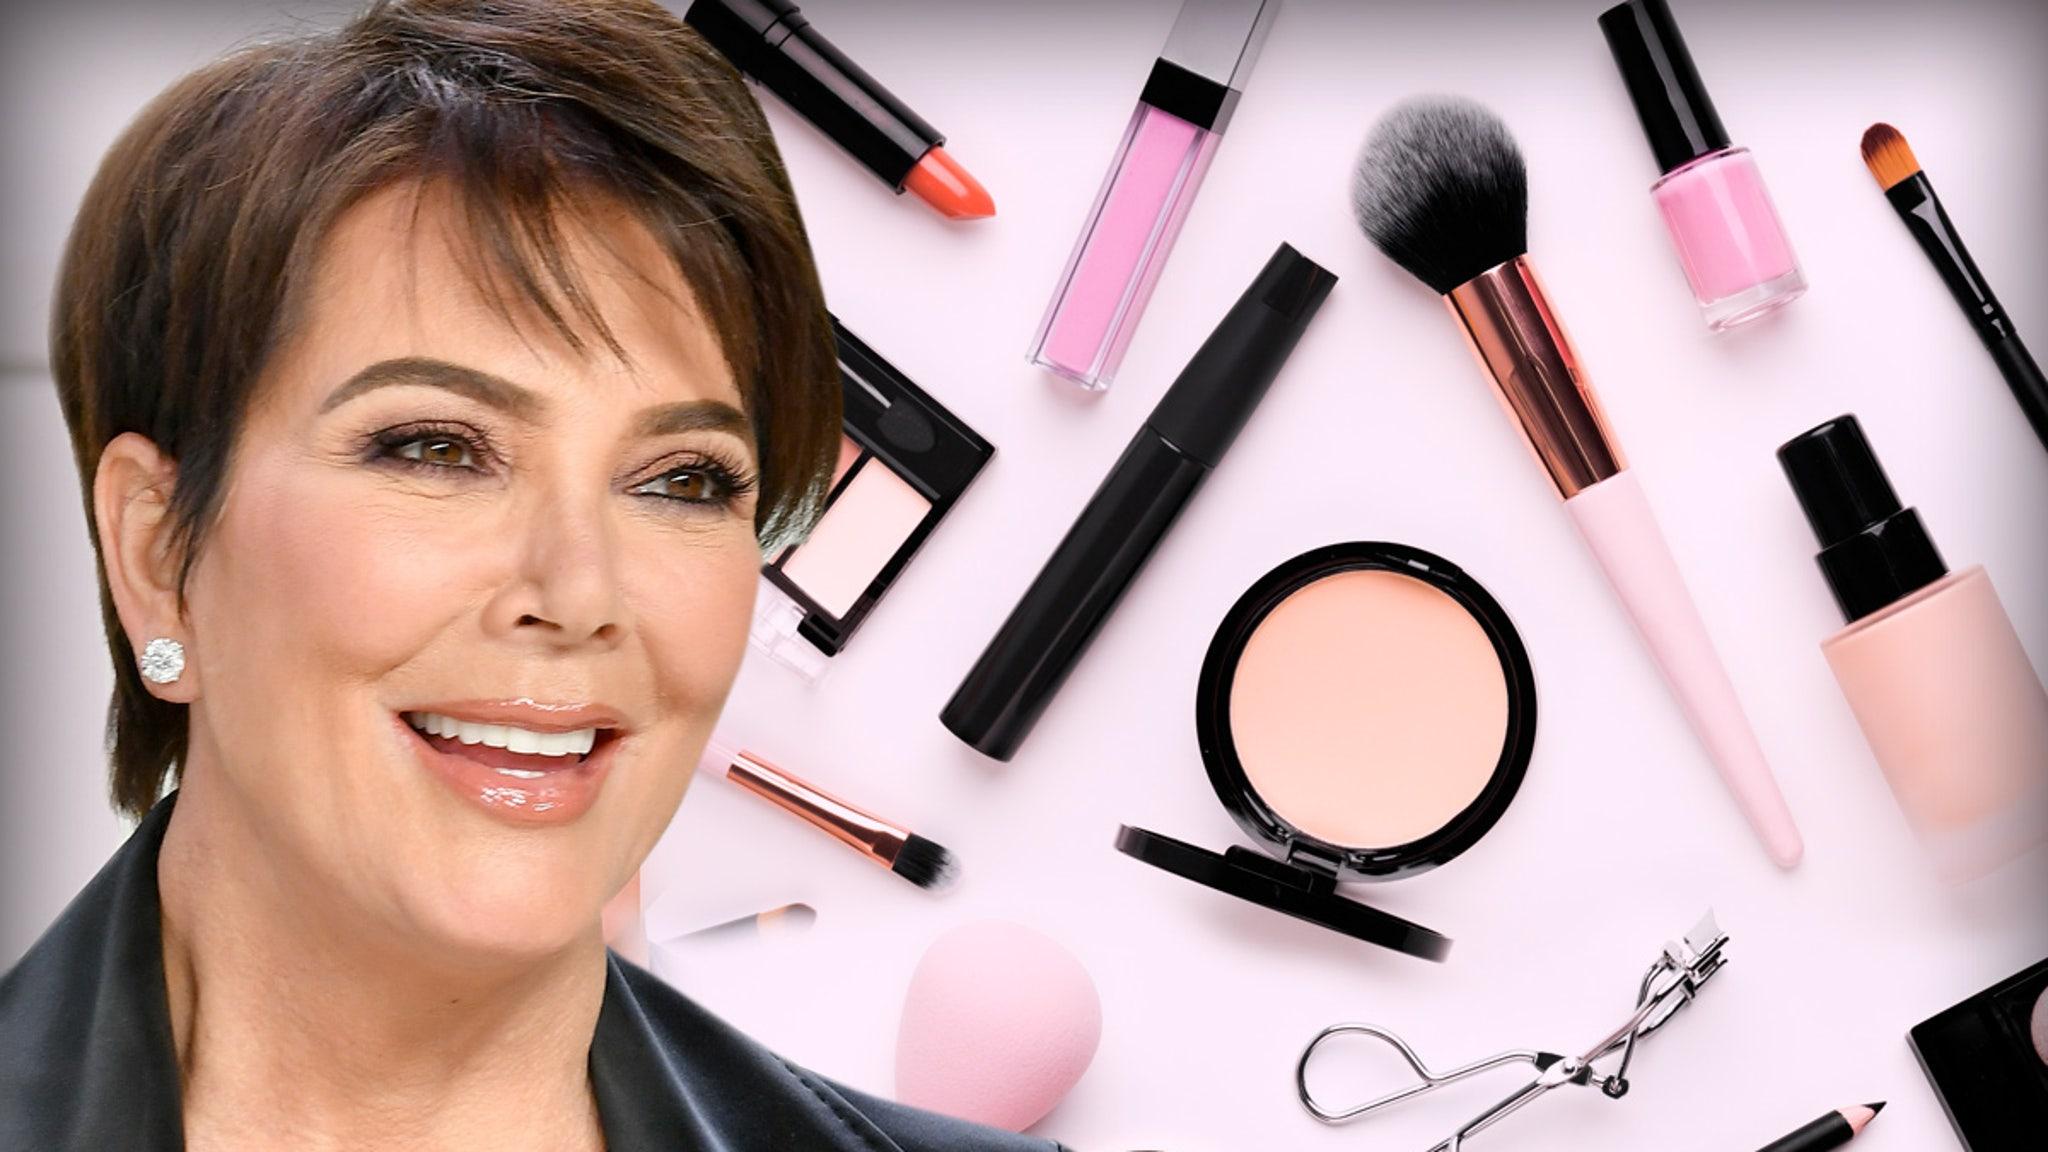 Крис Дженнер хочет следовать за дочерями в косметическом бизнесе